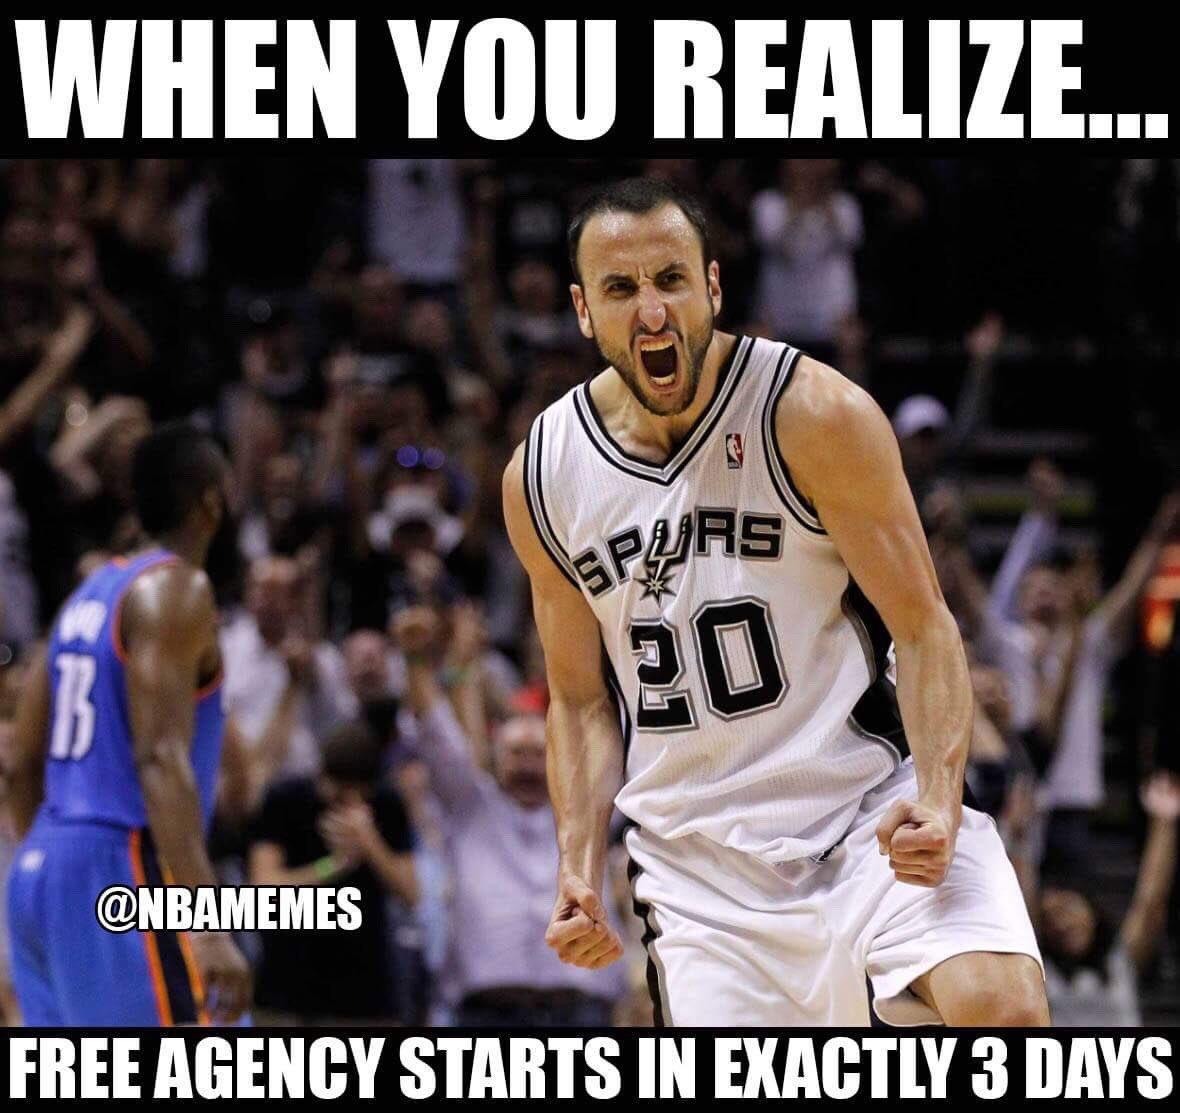 Nba: NBA Memes (@NBAMemes)